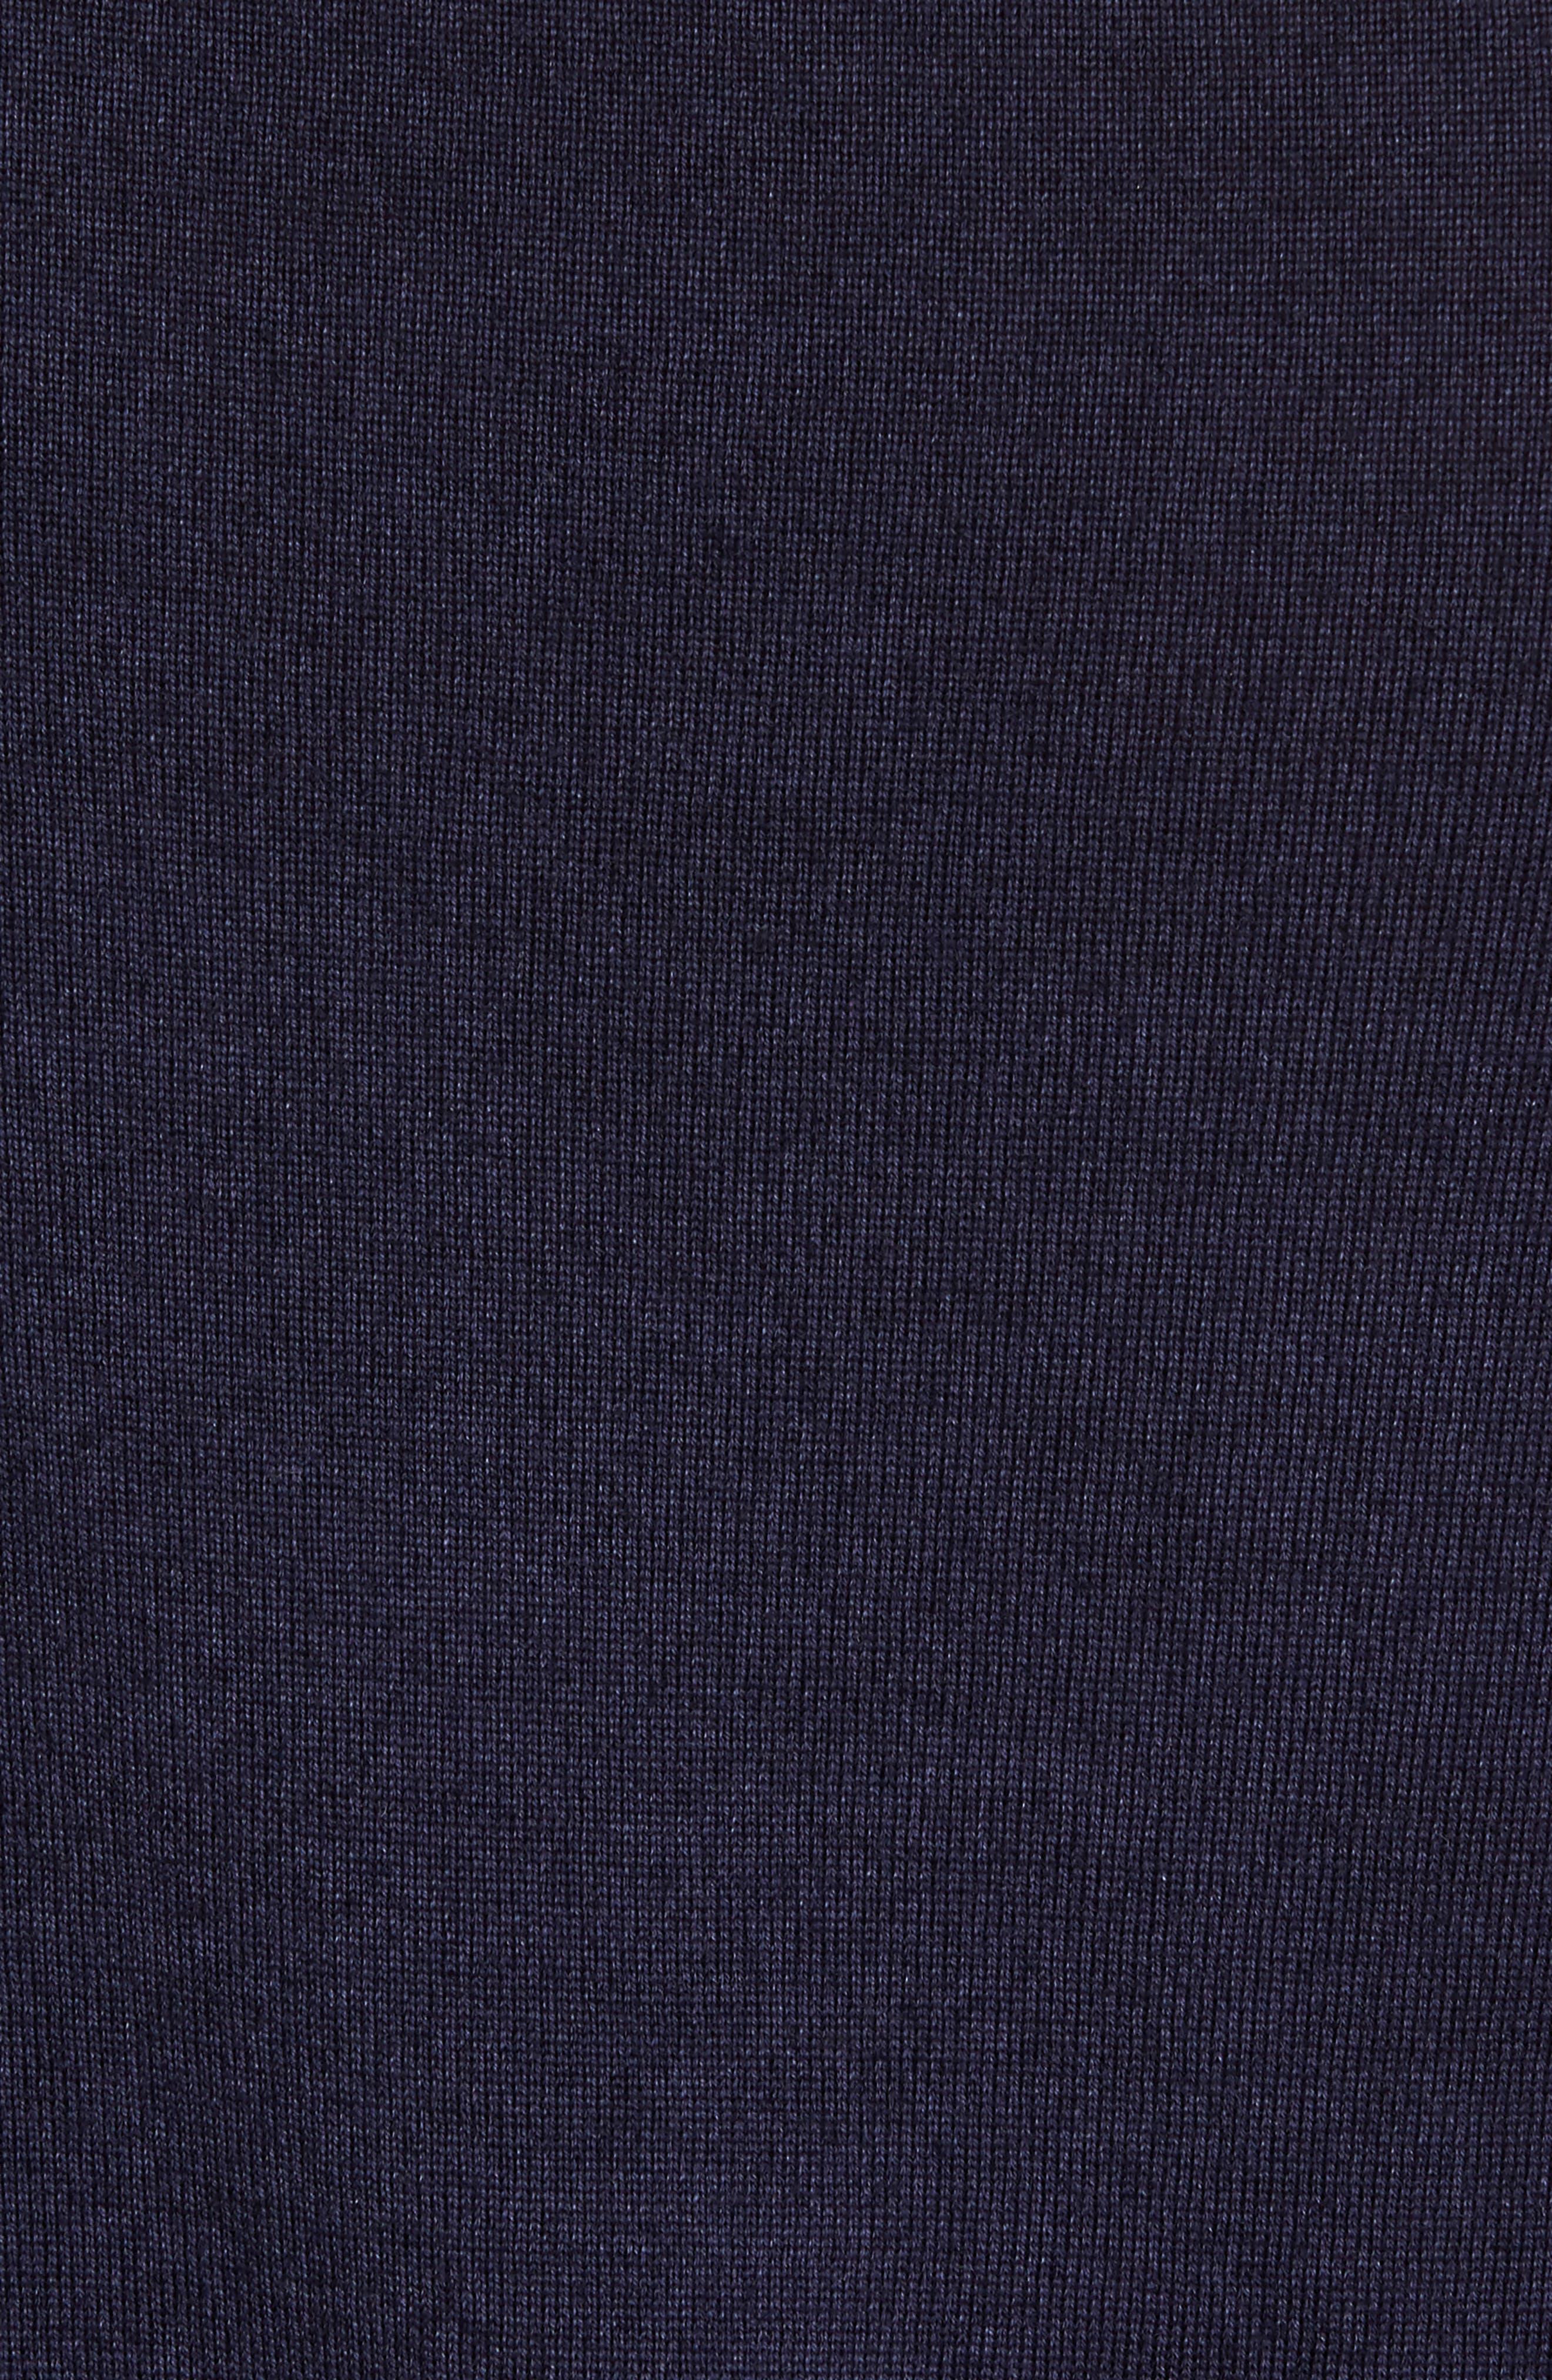 V-Neck Merino Wool Sweater,                             Alternate thumbnail 15, color,